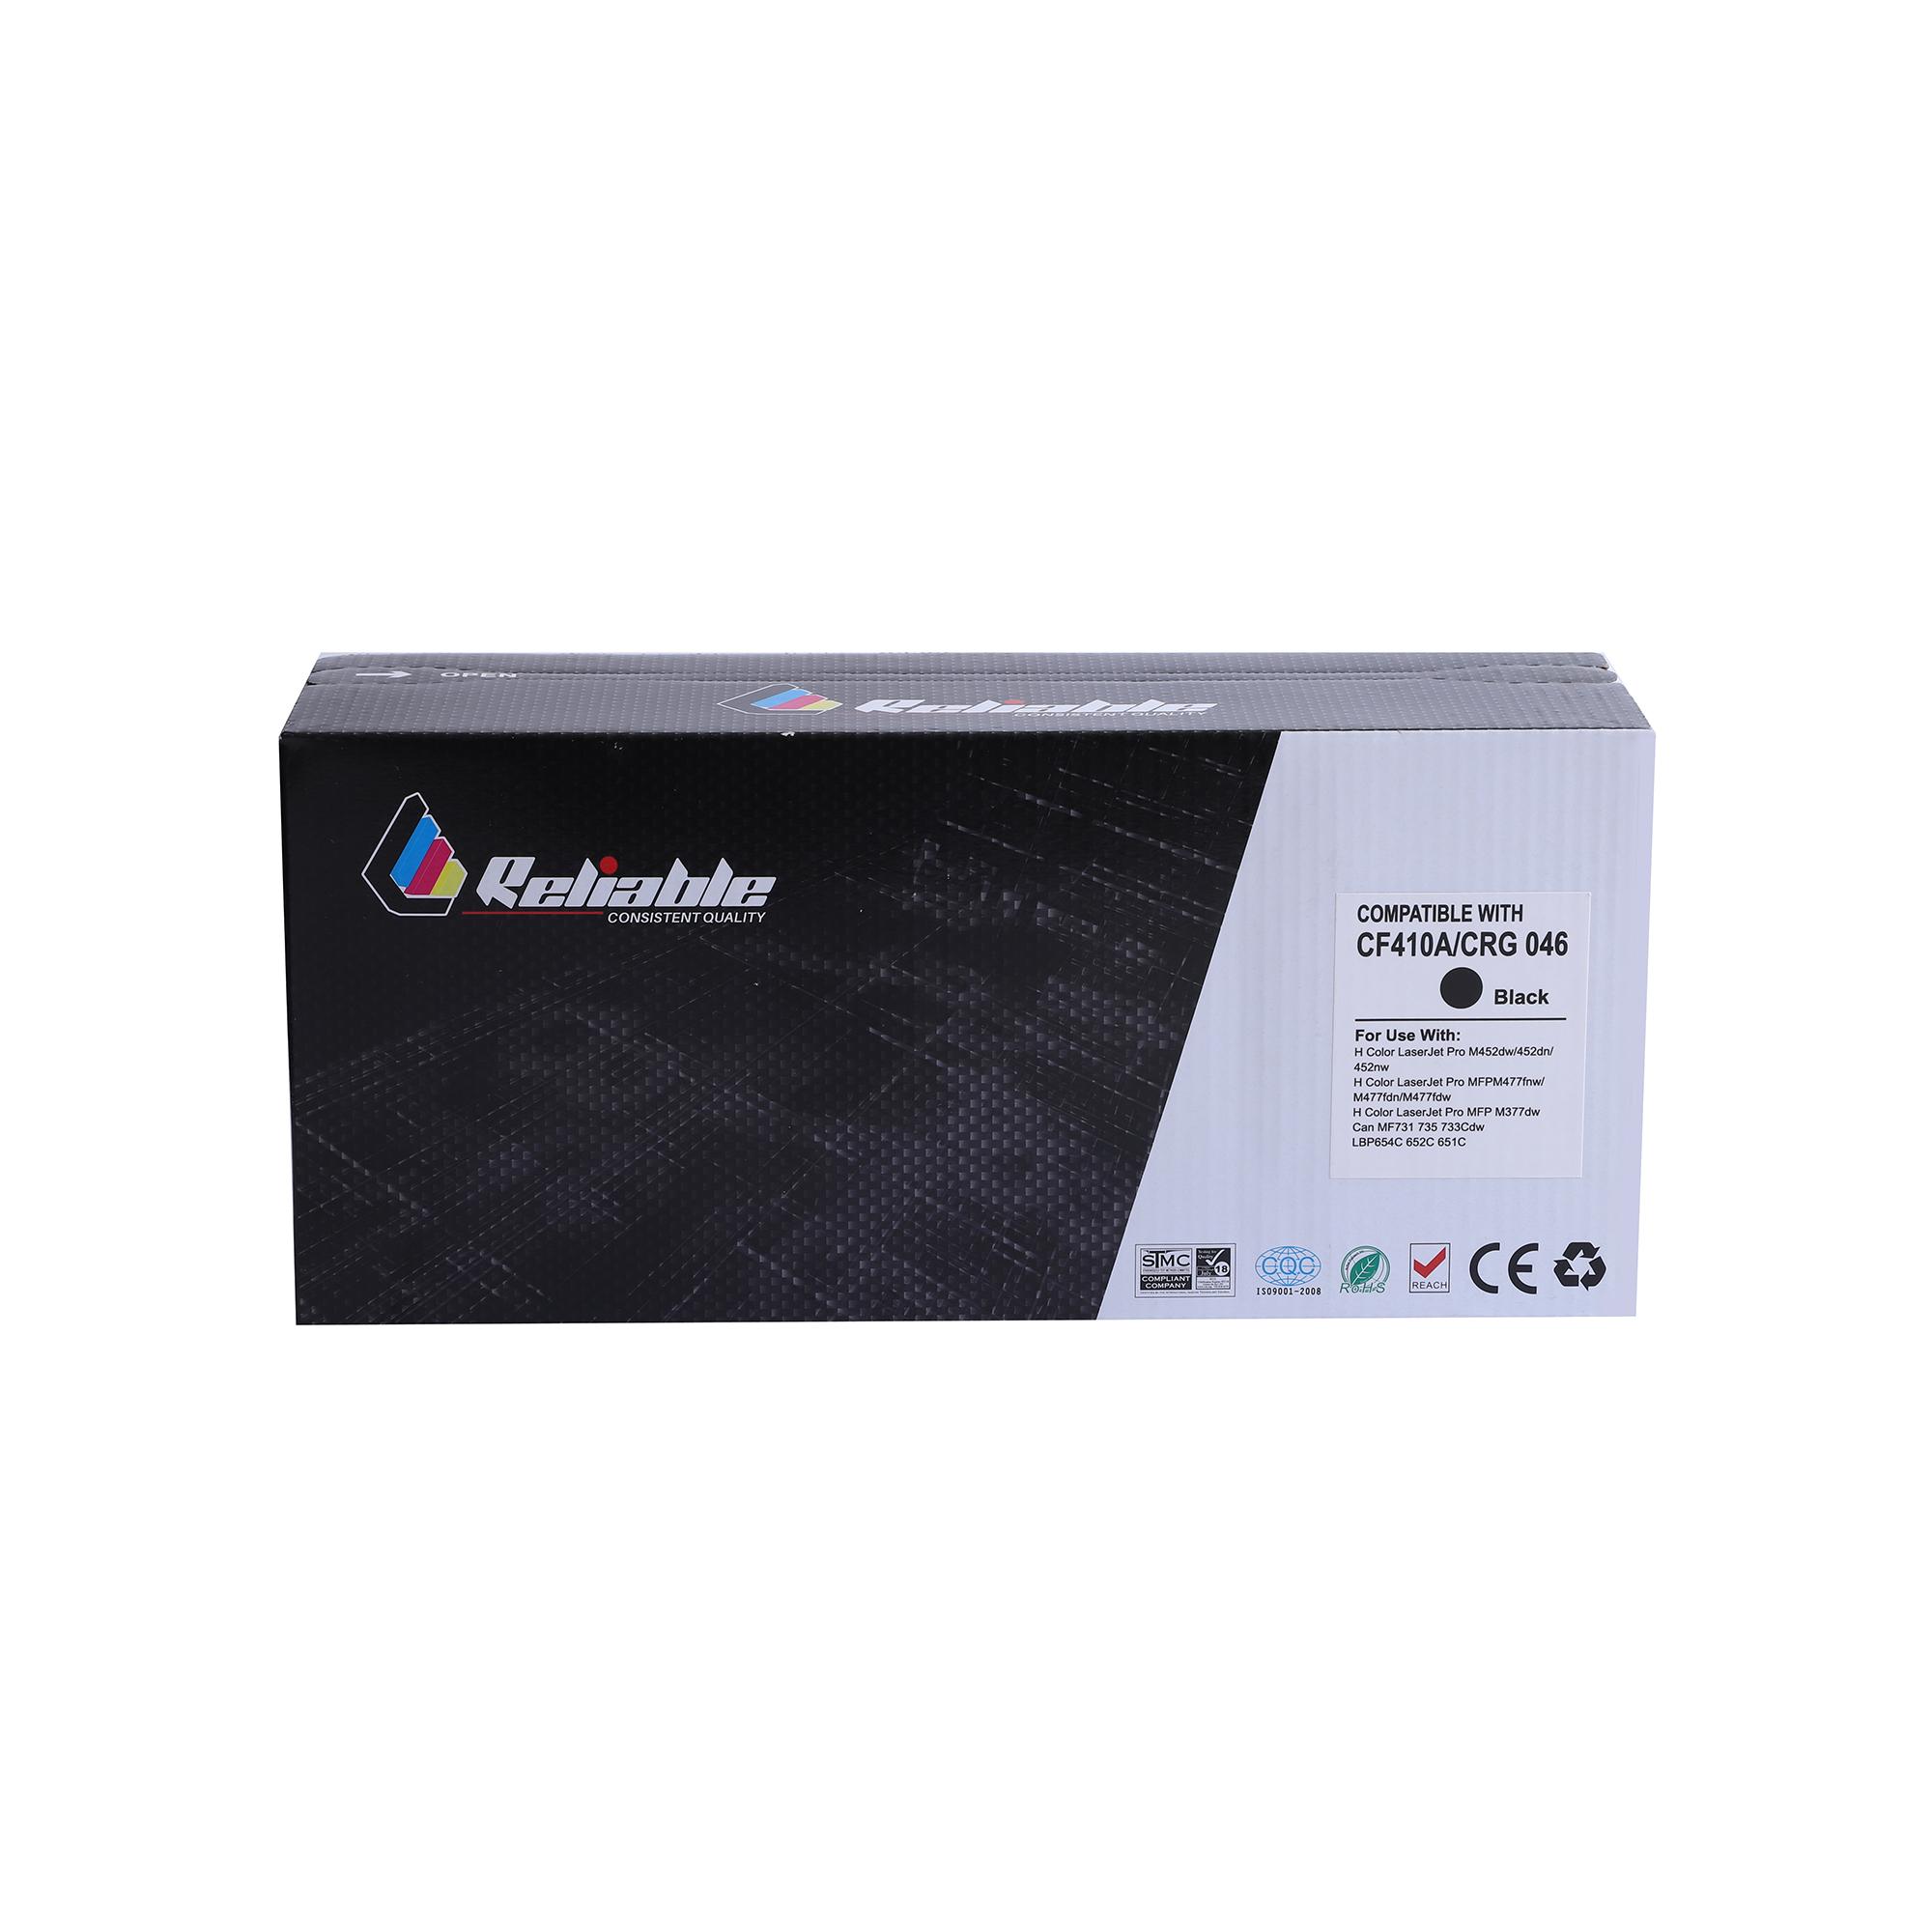 Reliable 410A (CF410A) / 046 Compatible Toner Cartridge - Black